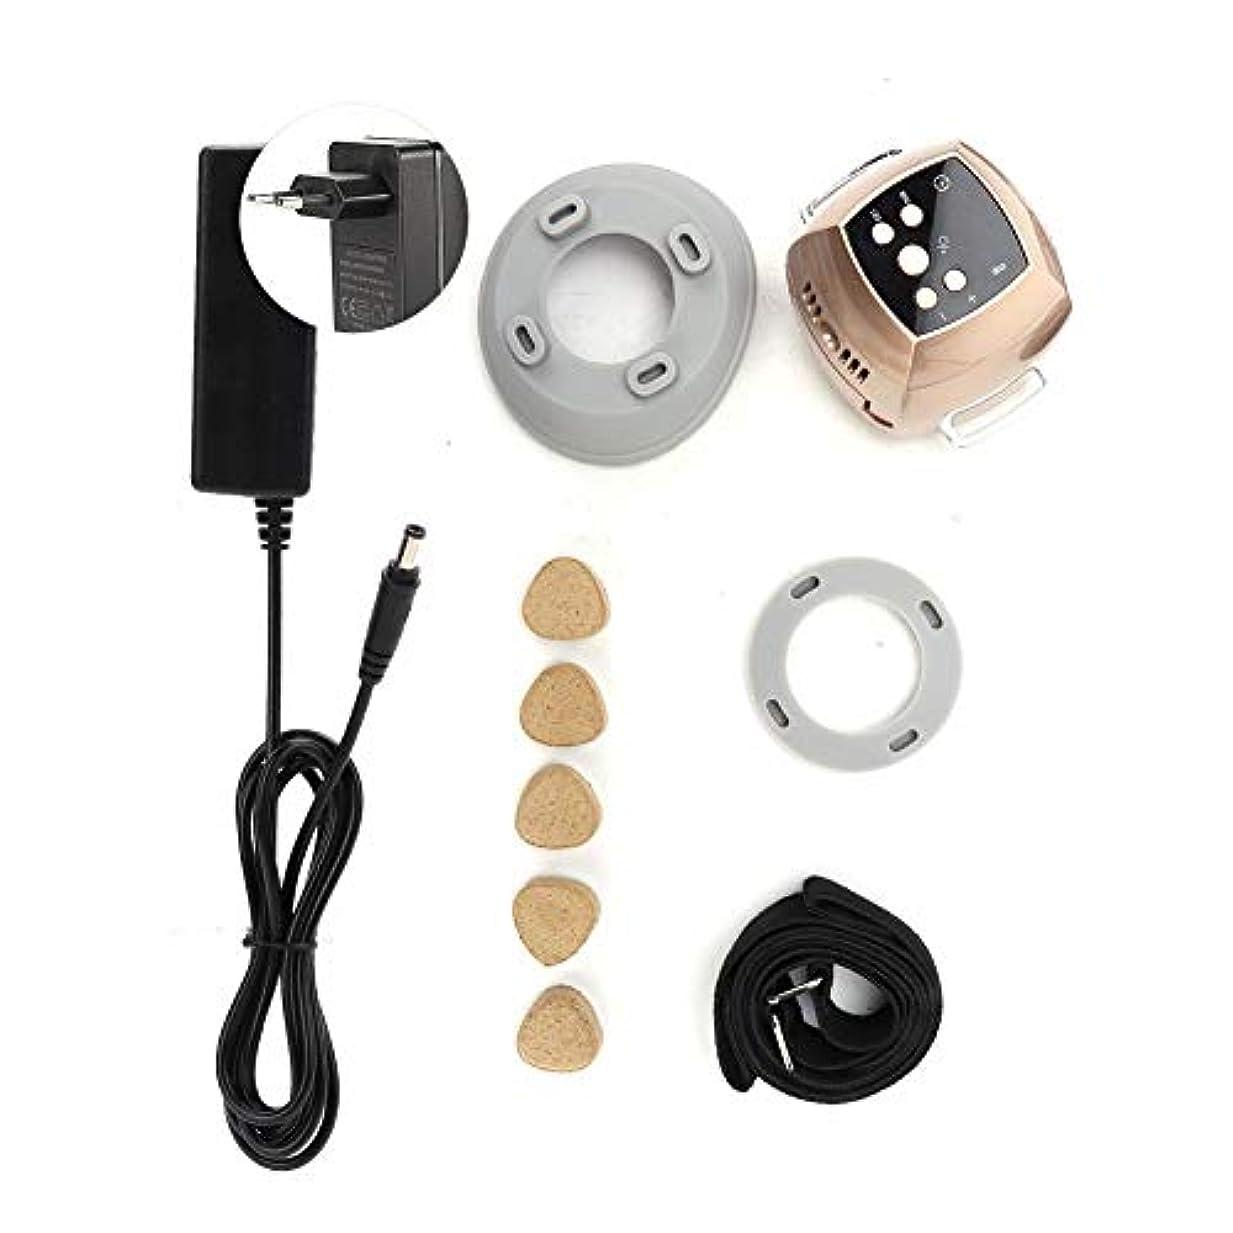 無数の過半数余韻頸部肩ウエスト筋肉リラクゼーション、調節可能な灸電気マッサージのための熱ディープティッシュマッサージ付き加熱ネック電気マッサージ(#2)